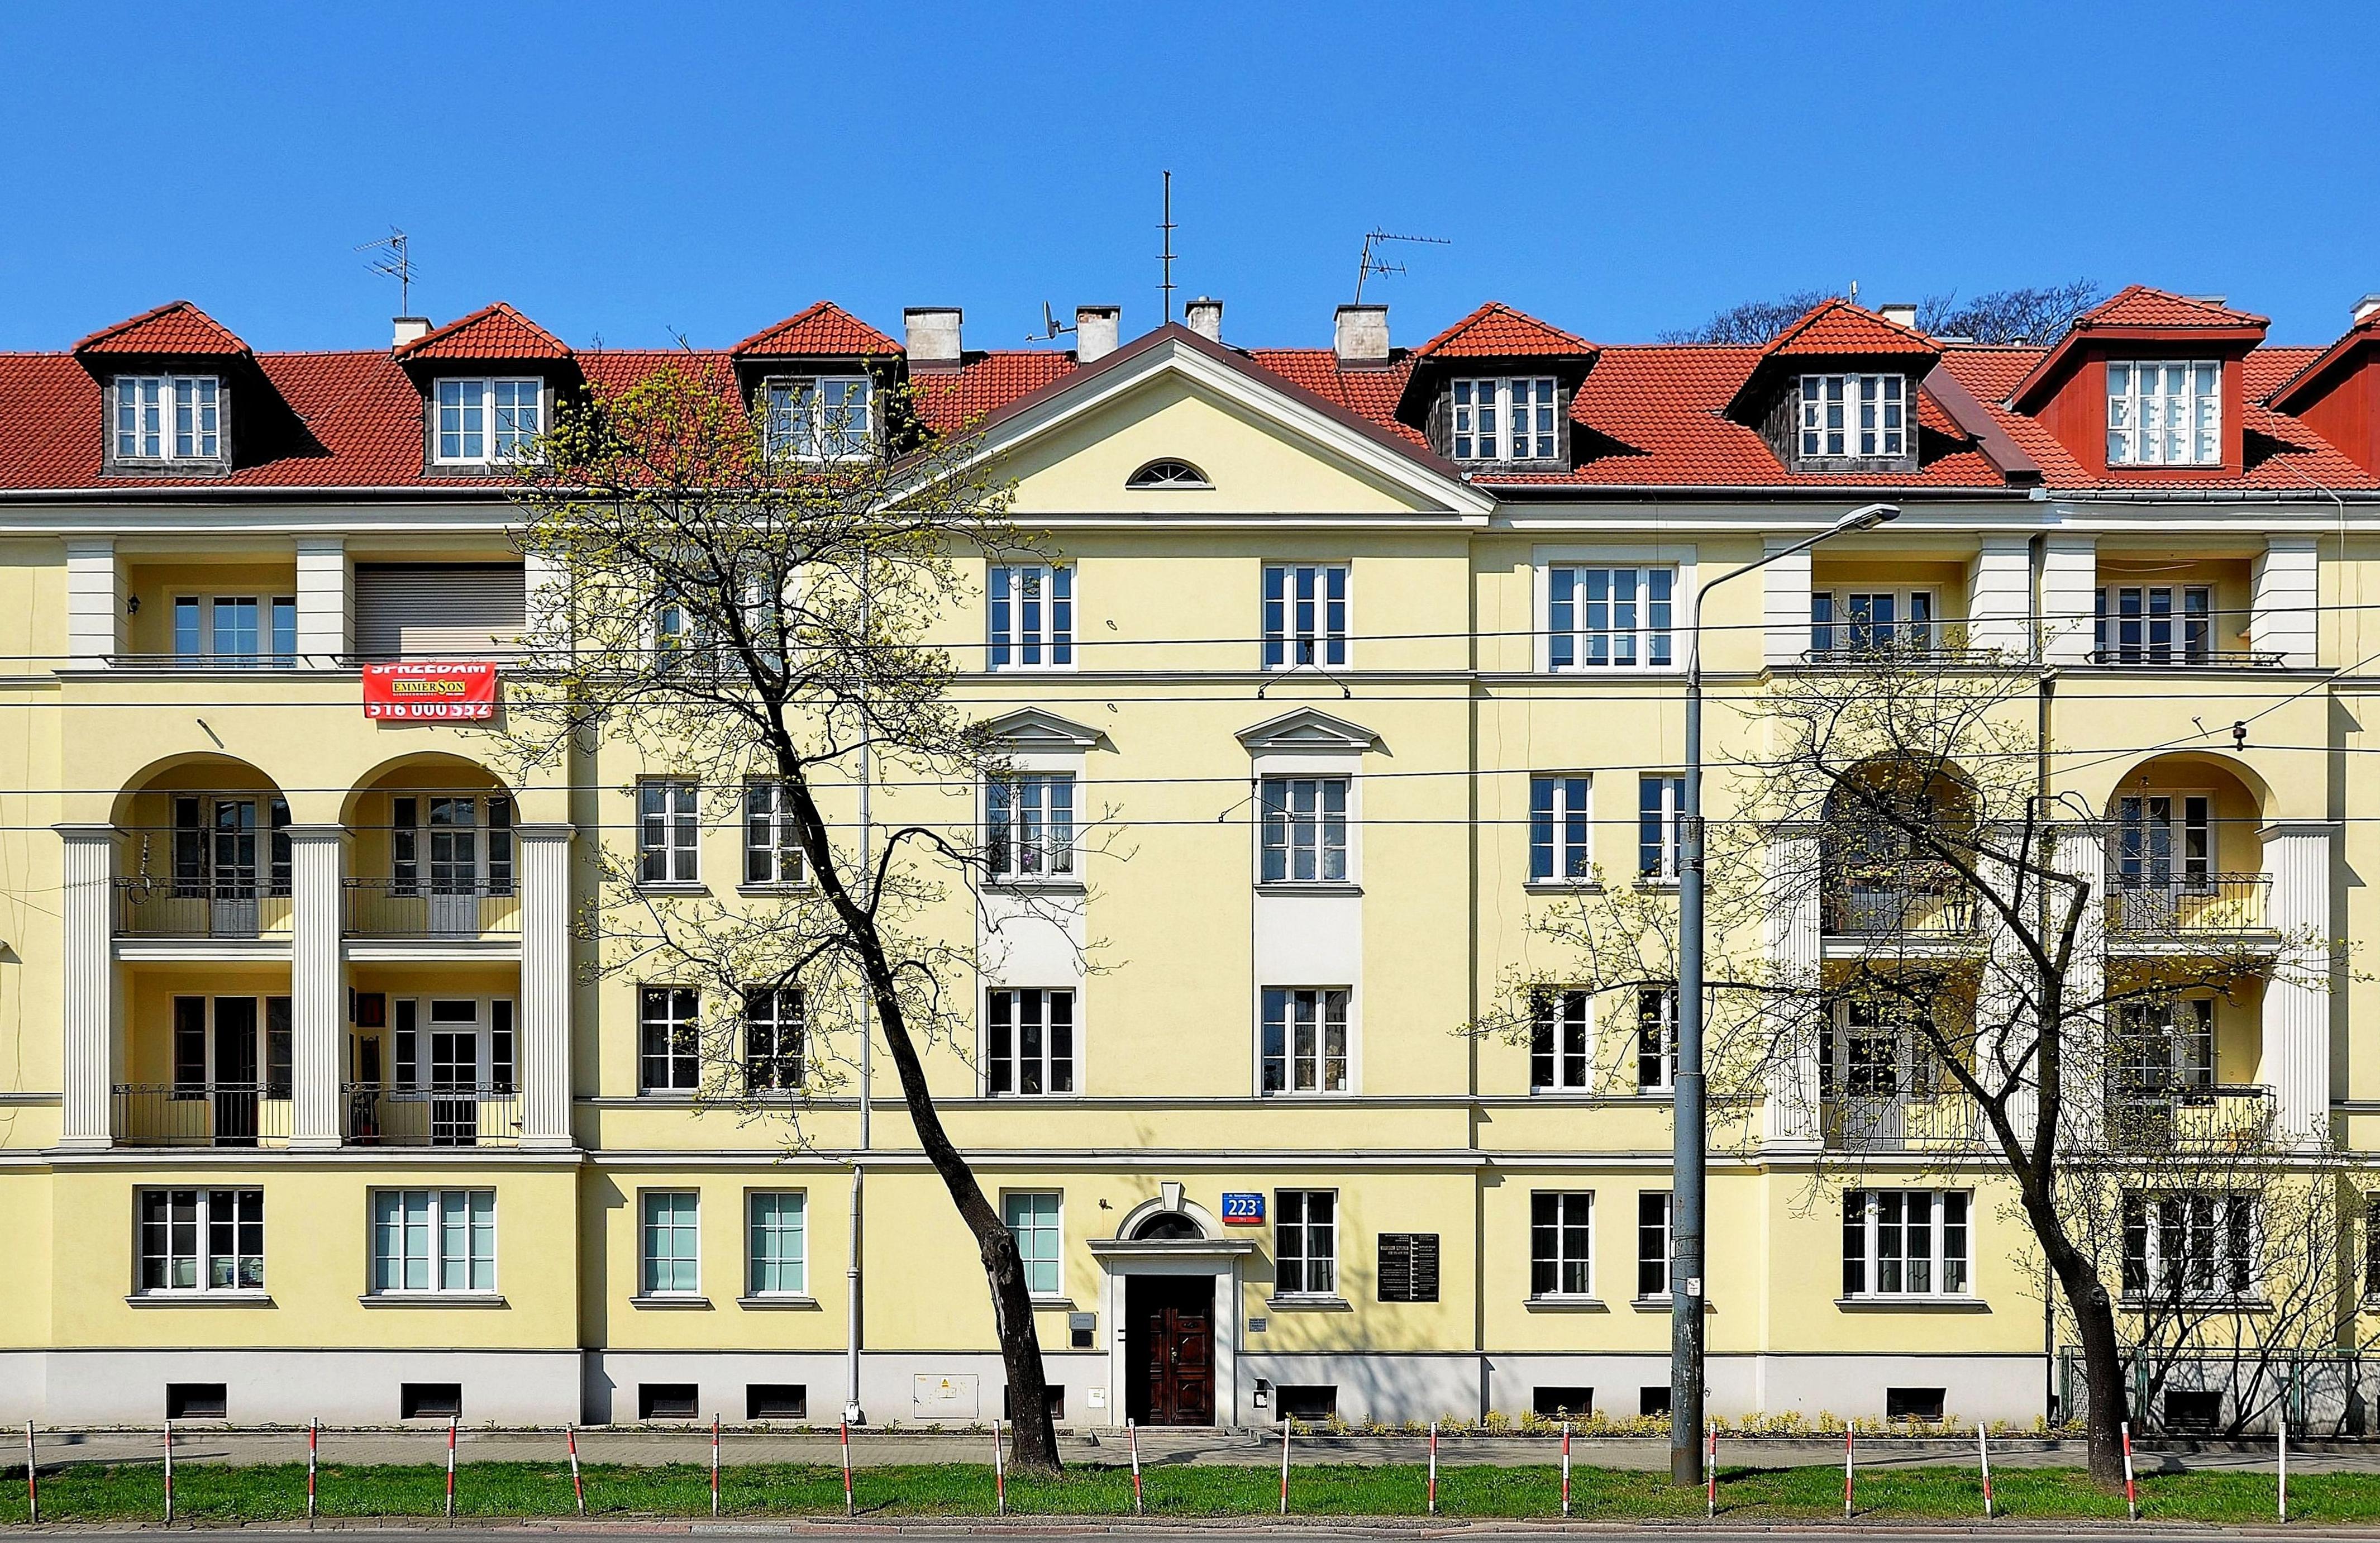 Spilman File 223 Niepodleglosci Avenue In Warsaw Jpg Wikimedia